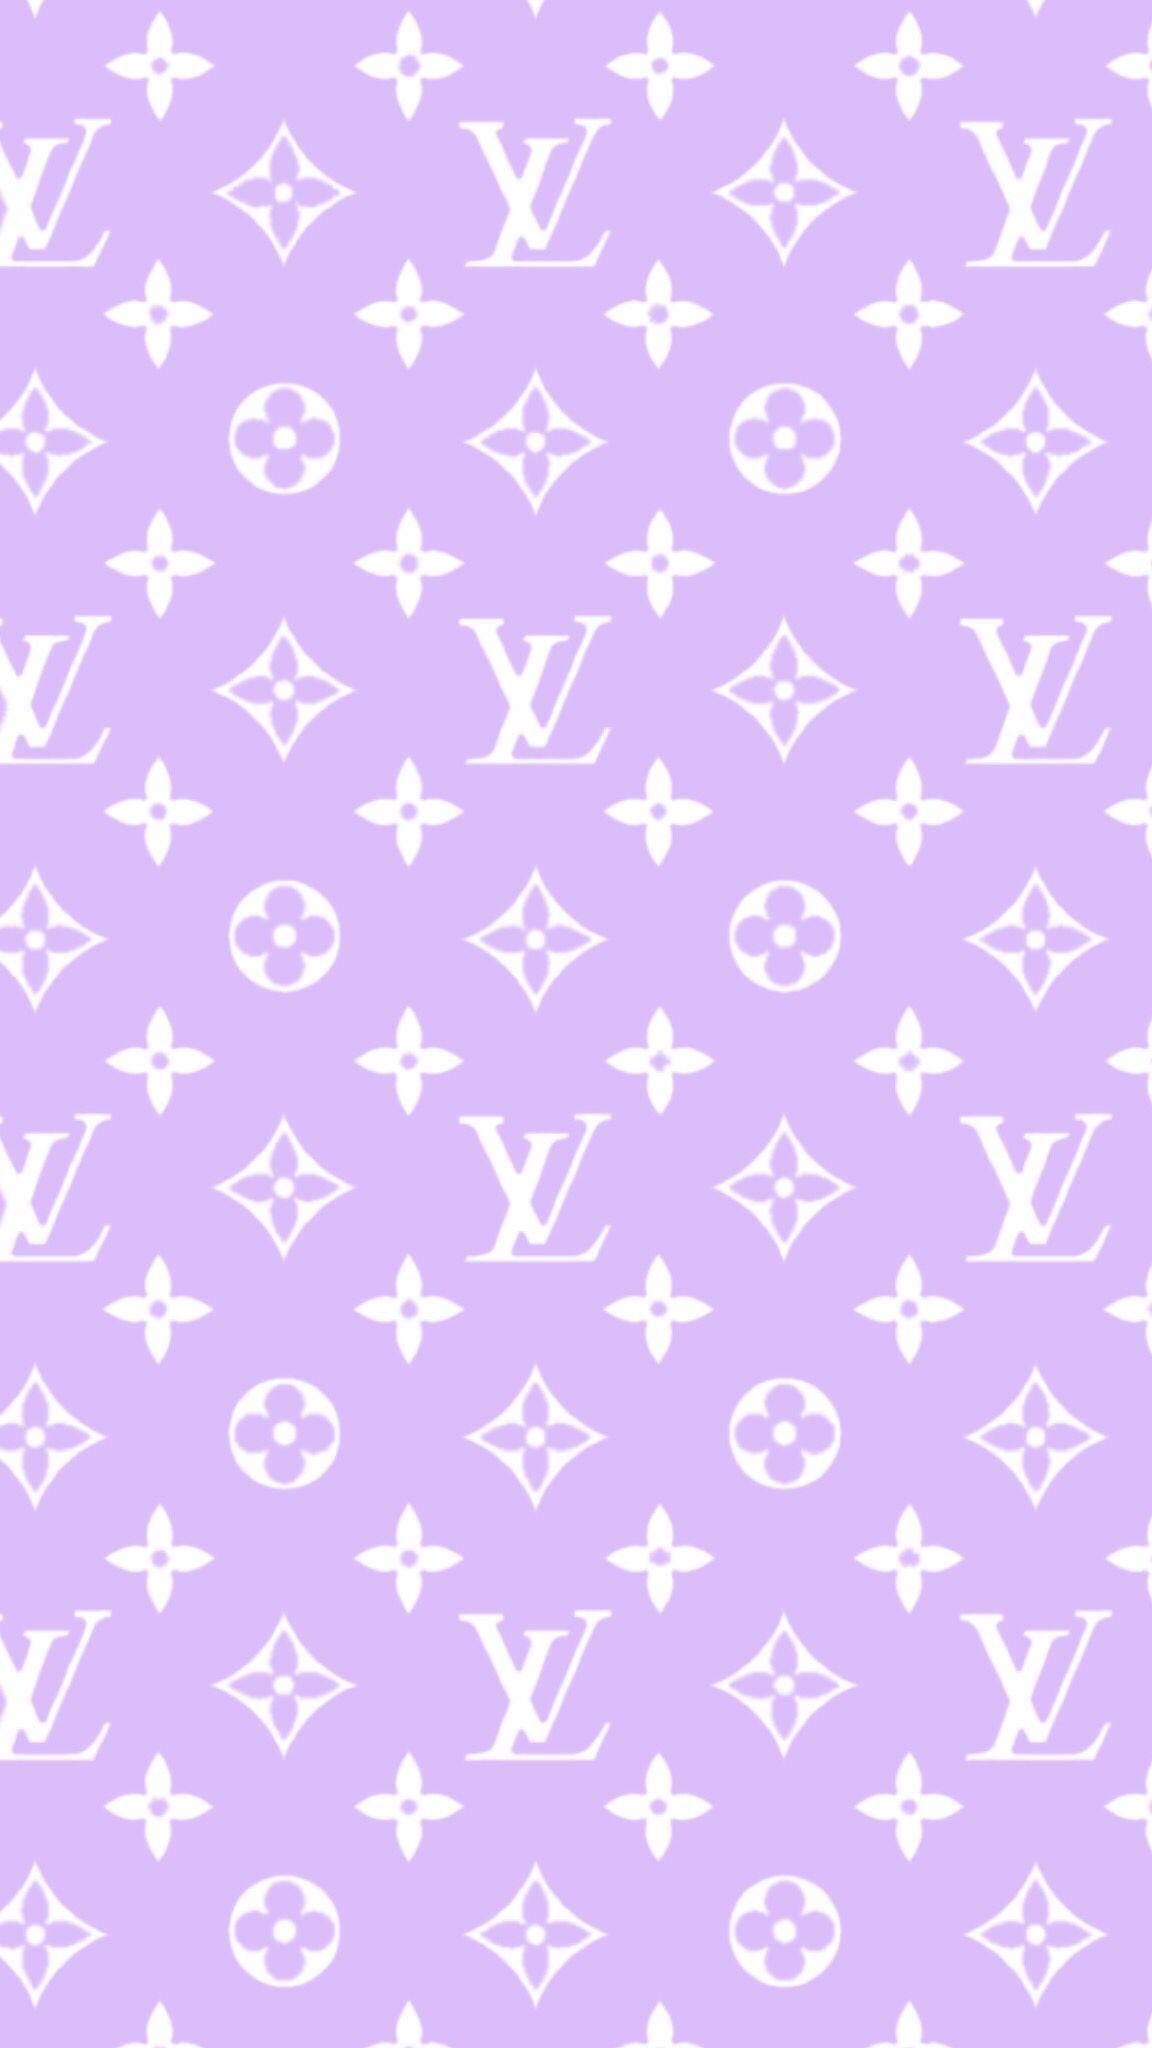 Light Pink Louis Vuitton Wallpaper